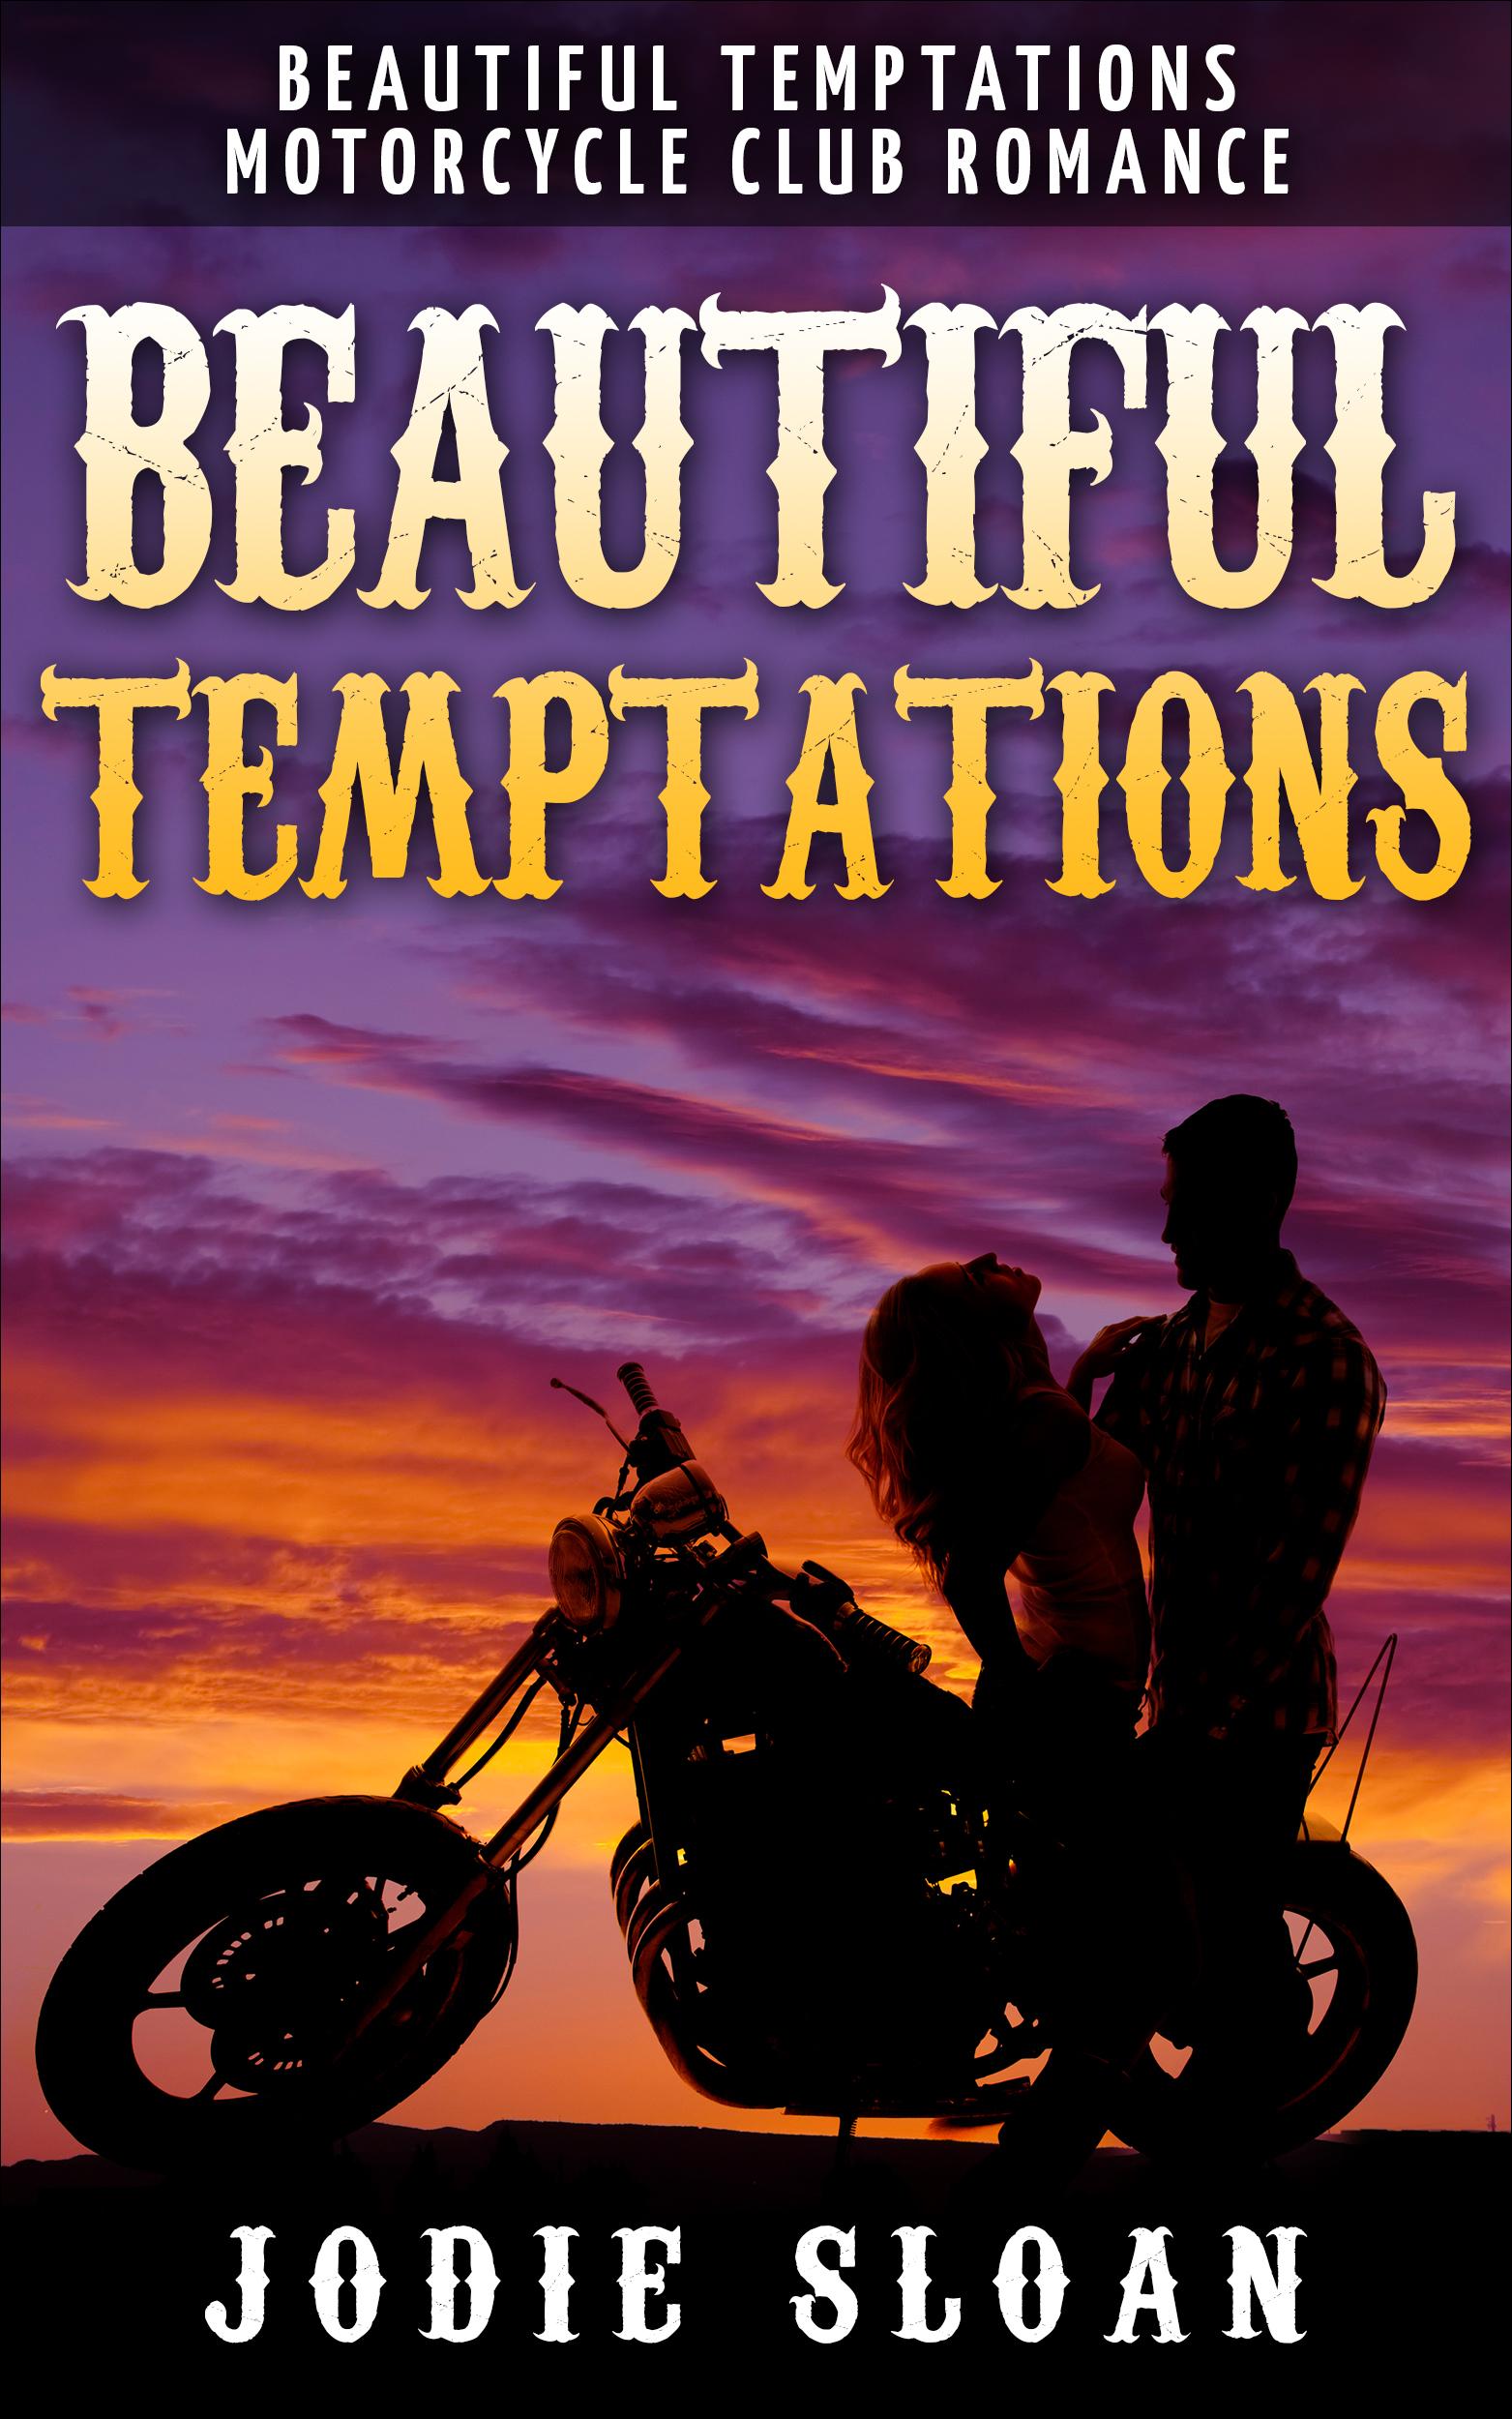 Beautiful temptations